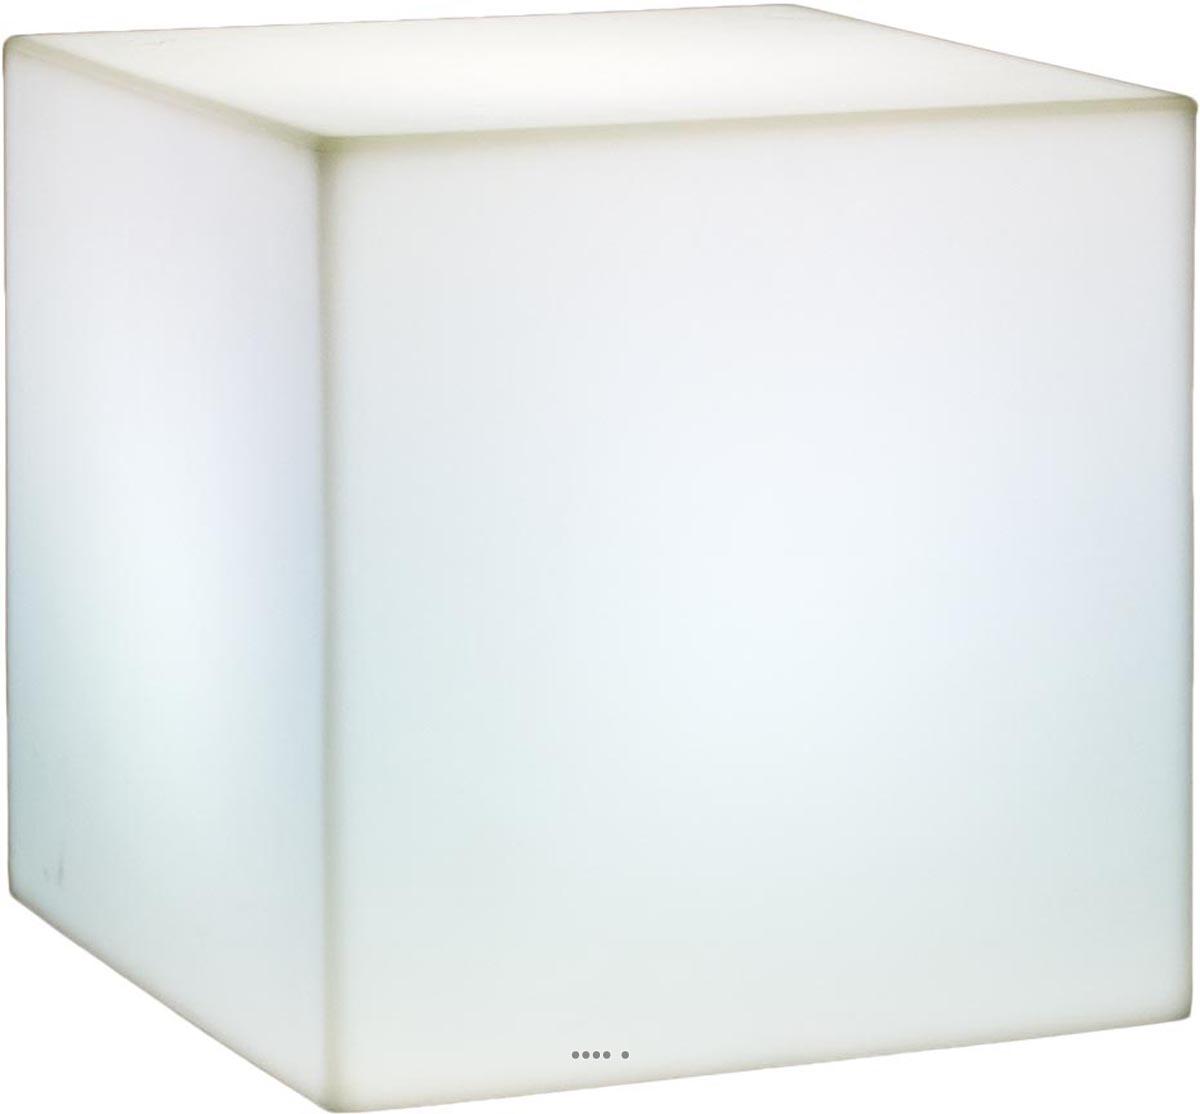 Bac lumineux en plastique lighty exterieur boule blanc du - Cube lumineux led pas cher ...